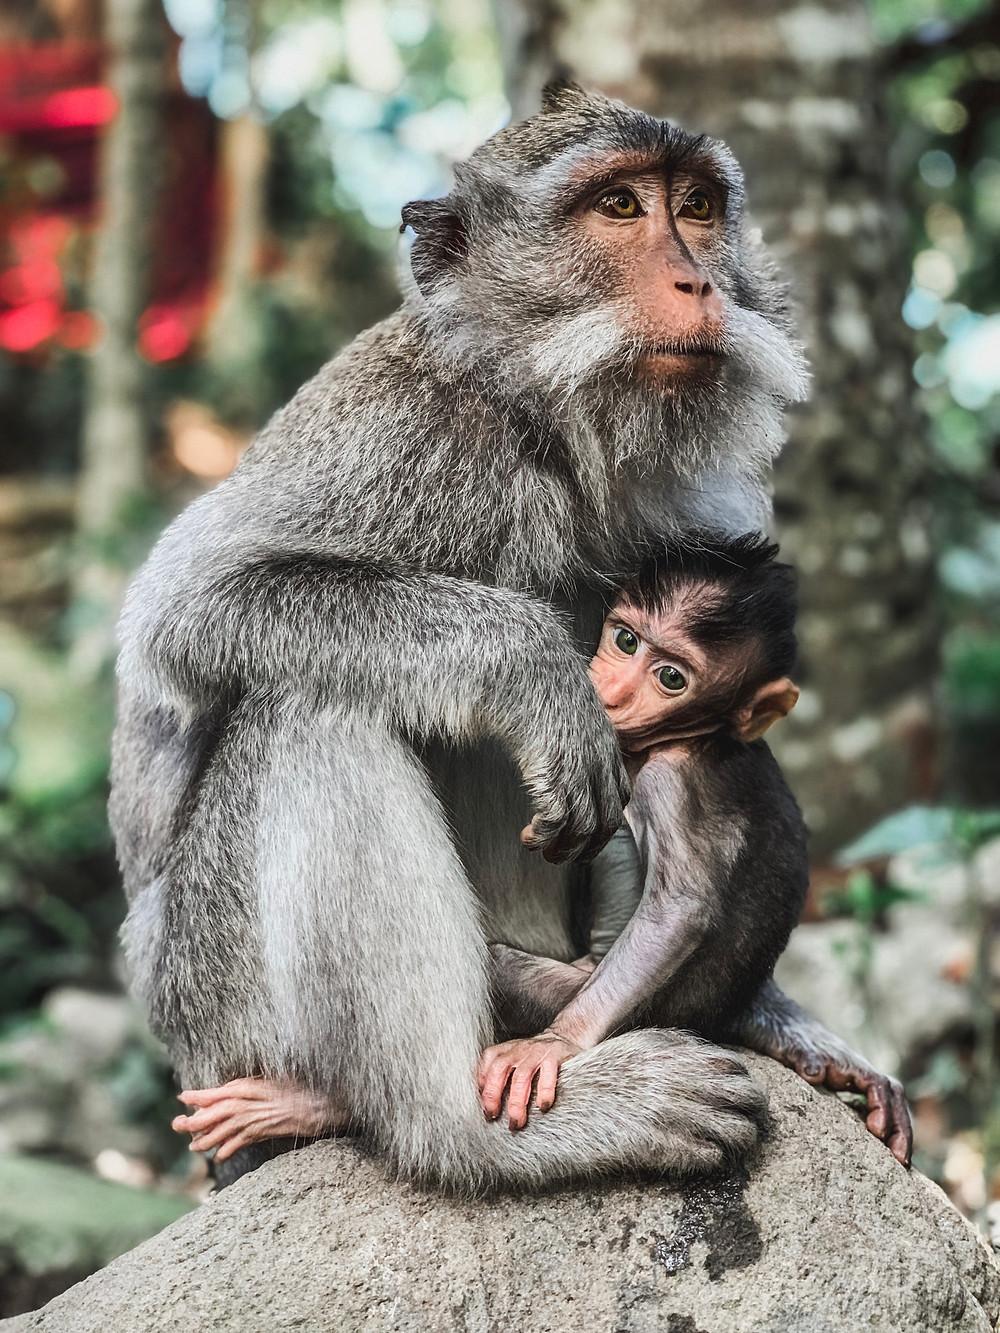 Monkey Sanctuary in Ubud, Bali | On Airplane Mode